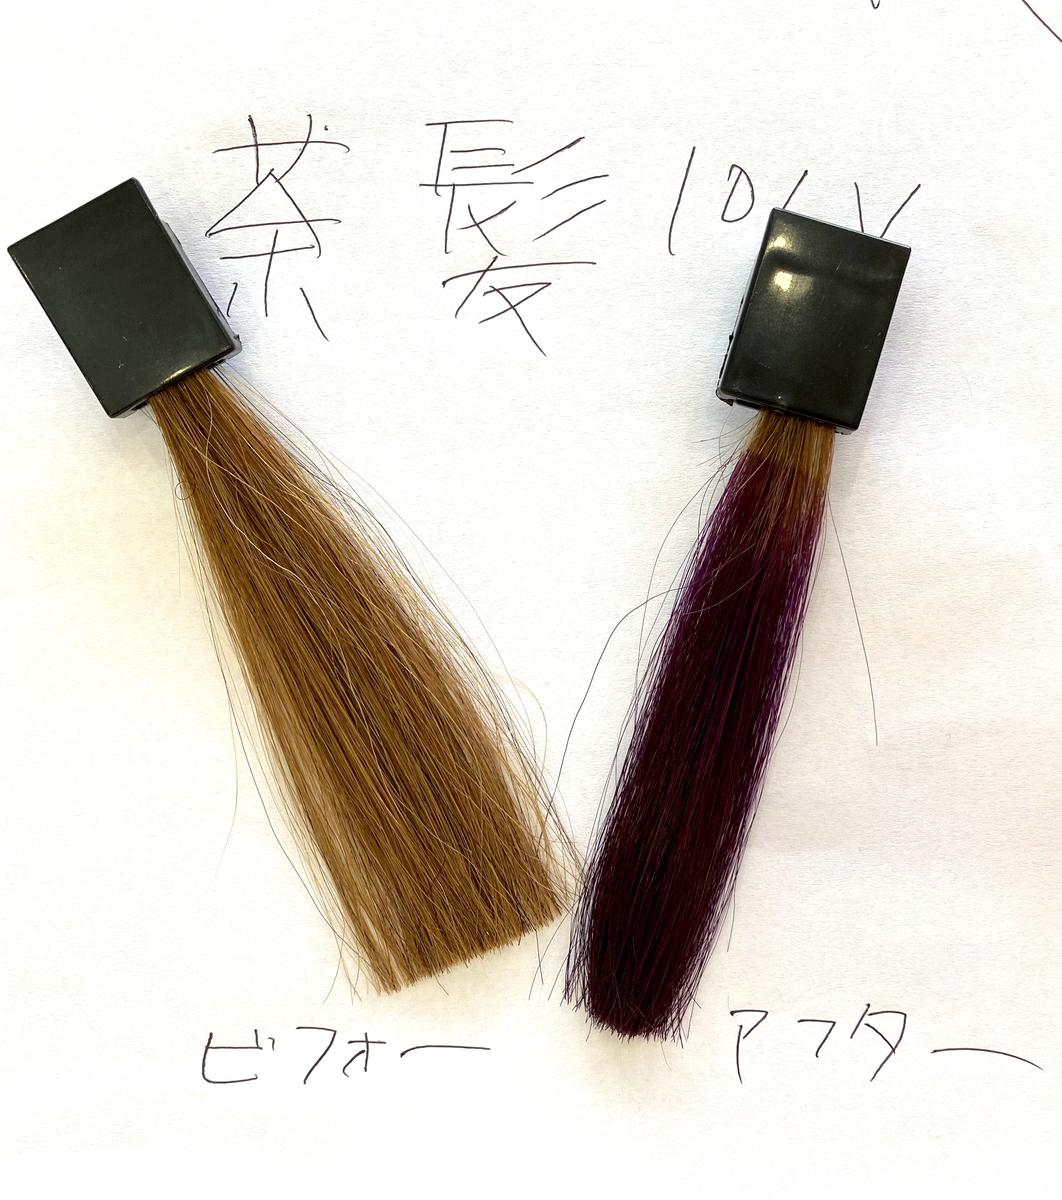 画面左が茶髪で画面右が茶髪にショッキングパープルで染めた毛束